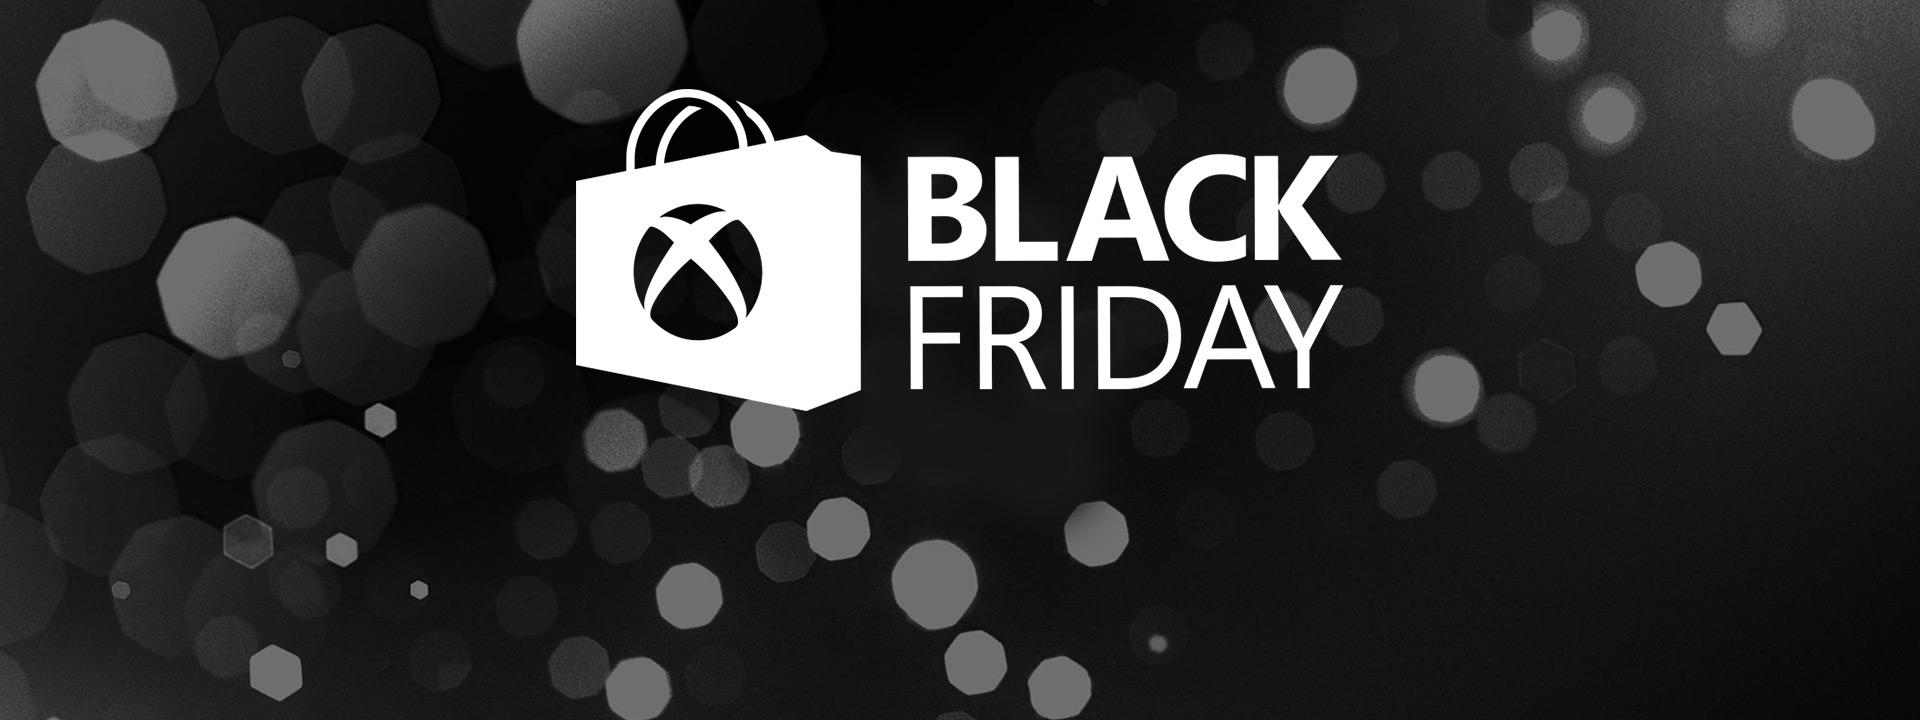 Black Friday llega a Xbox One y Xbox 360